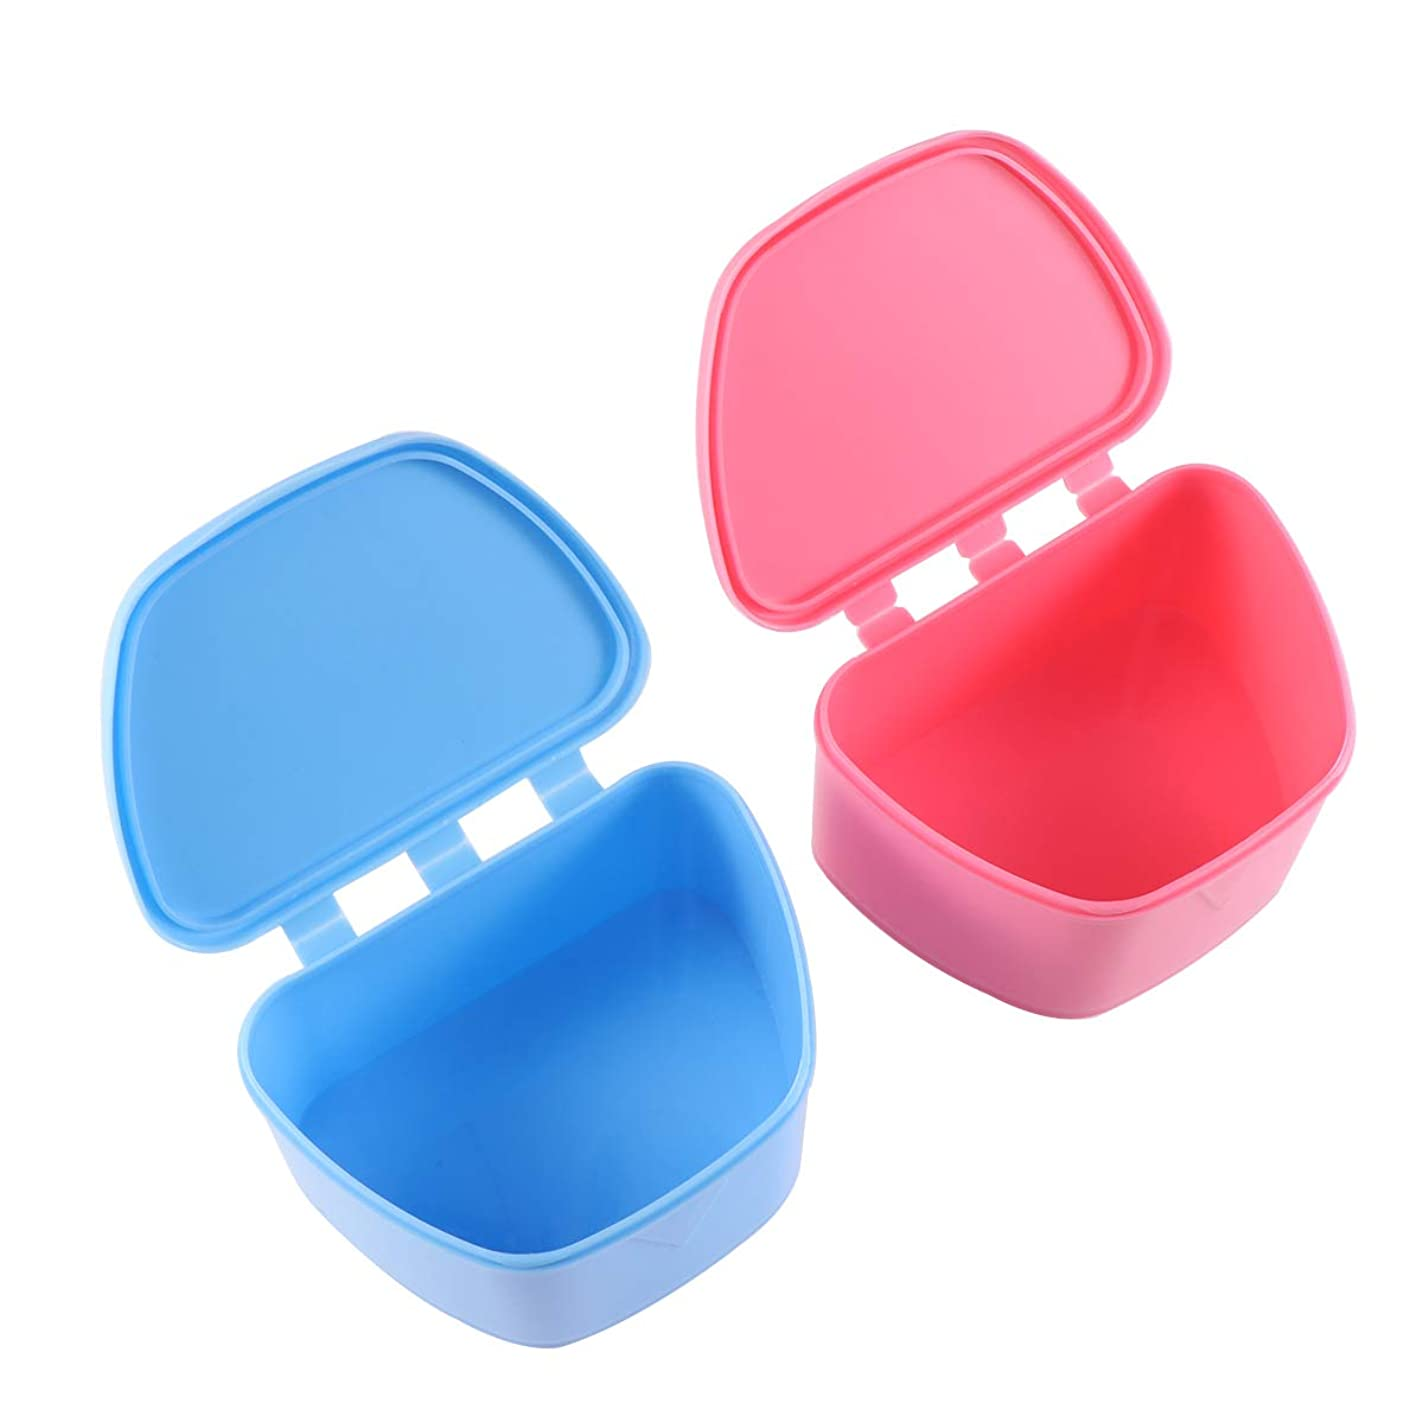 重大冷凍庫理想的Healifty 歯科ケース義歯収納ボックス矯正歯科ボックス2個(青とロージー)